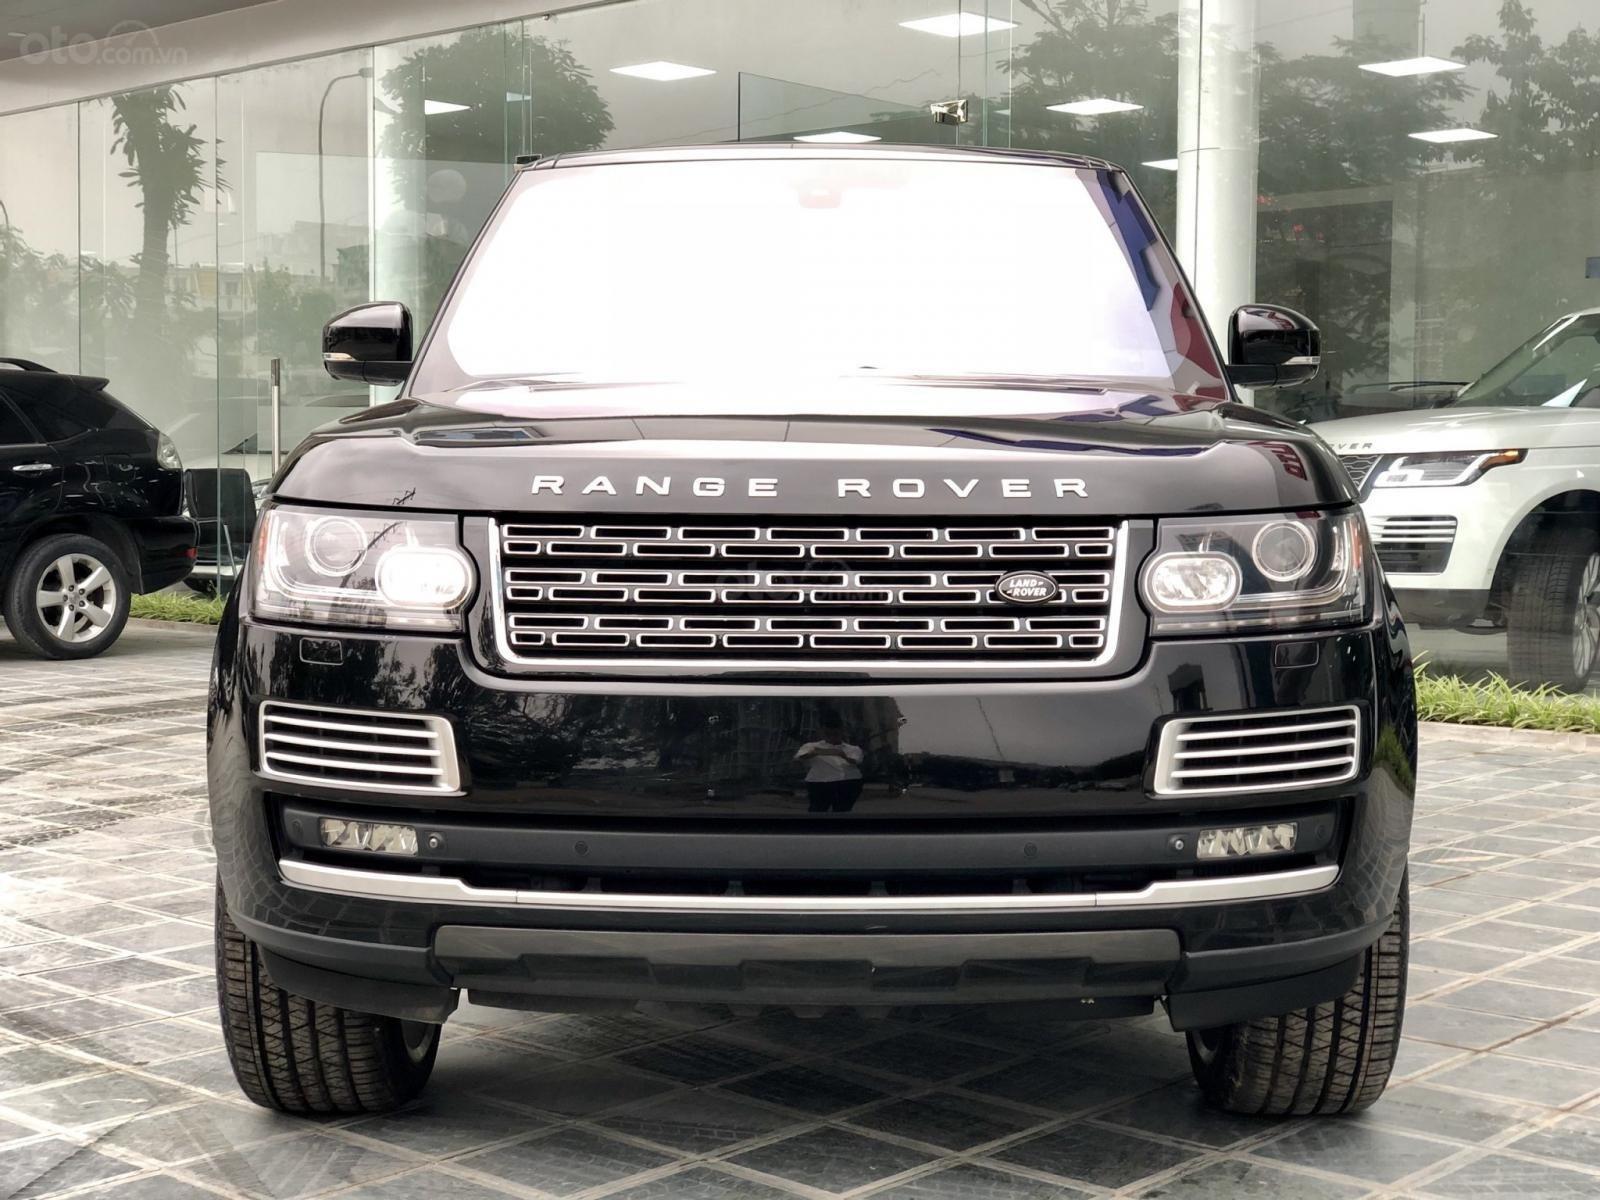 Bán Range Rover Black Edition sx 2015, siêu lướt giá tốt - LH Ms. Hương 094.539.2468 (2)